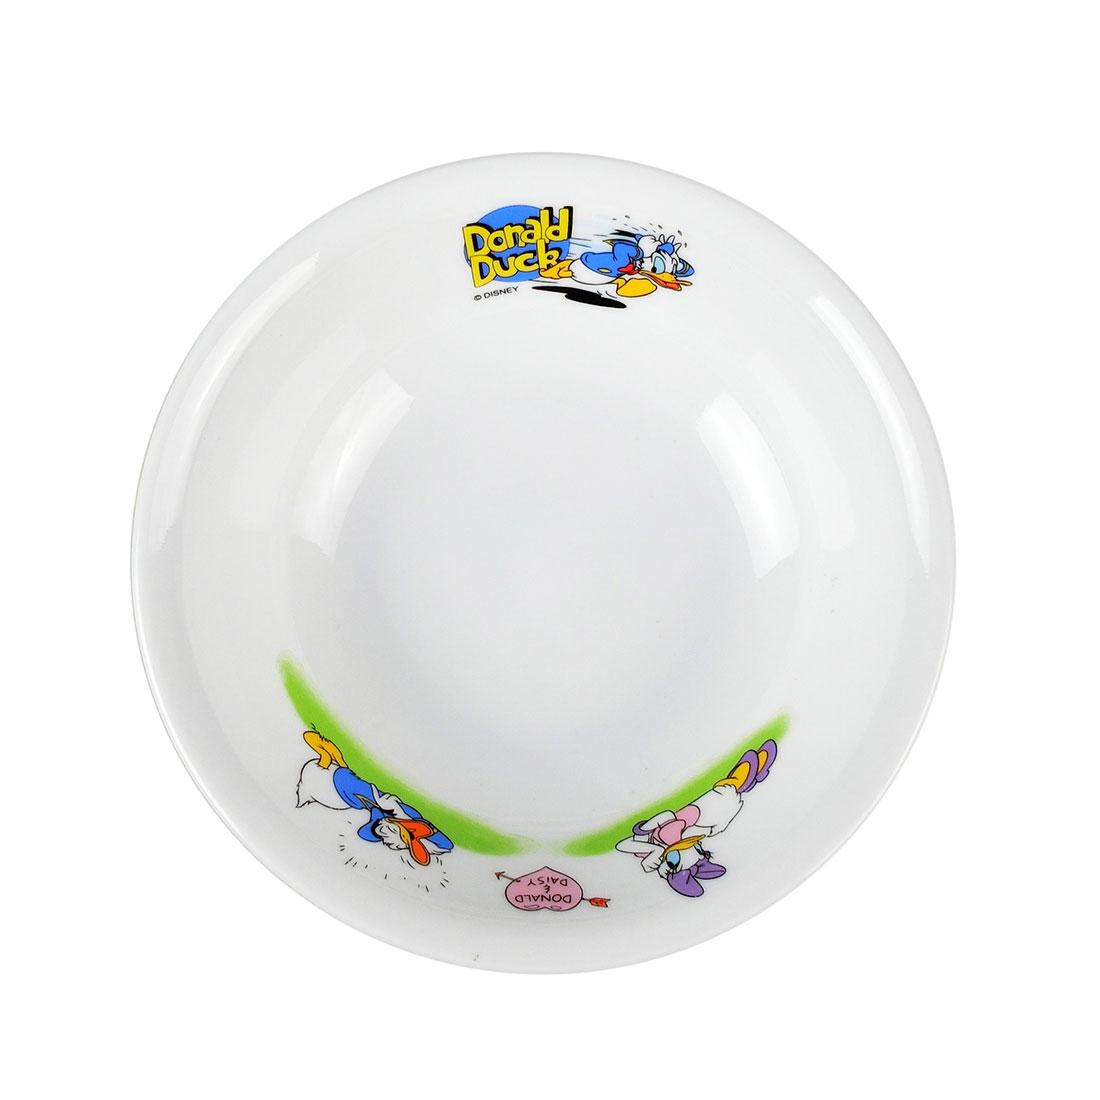 Chén Vịt Donald và Daisy Corelle - Mỹ - 13 x 3 cm - 433848